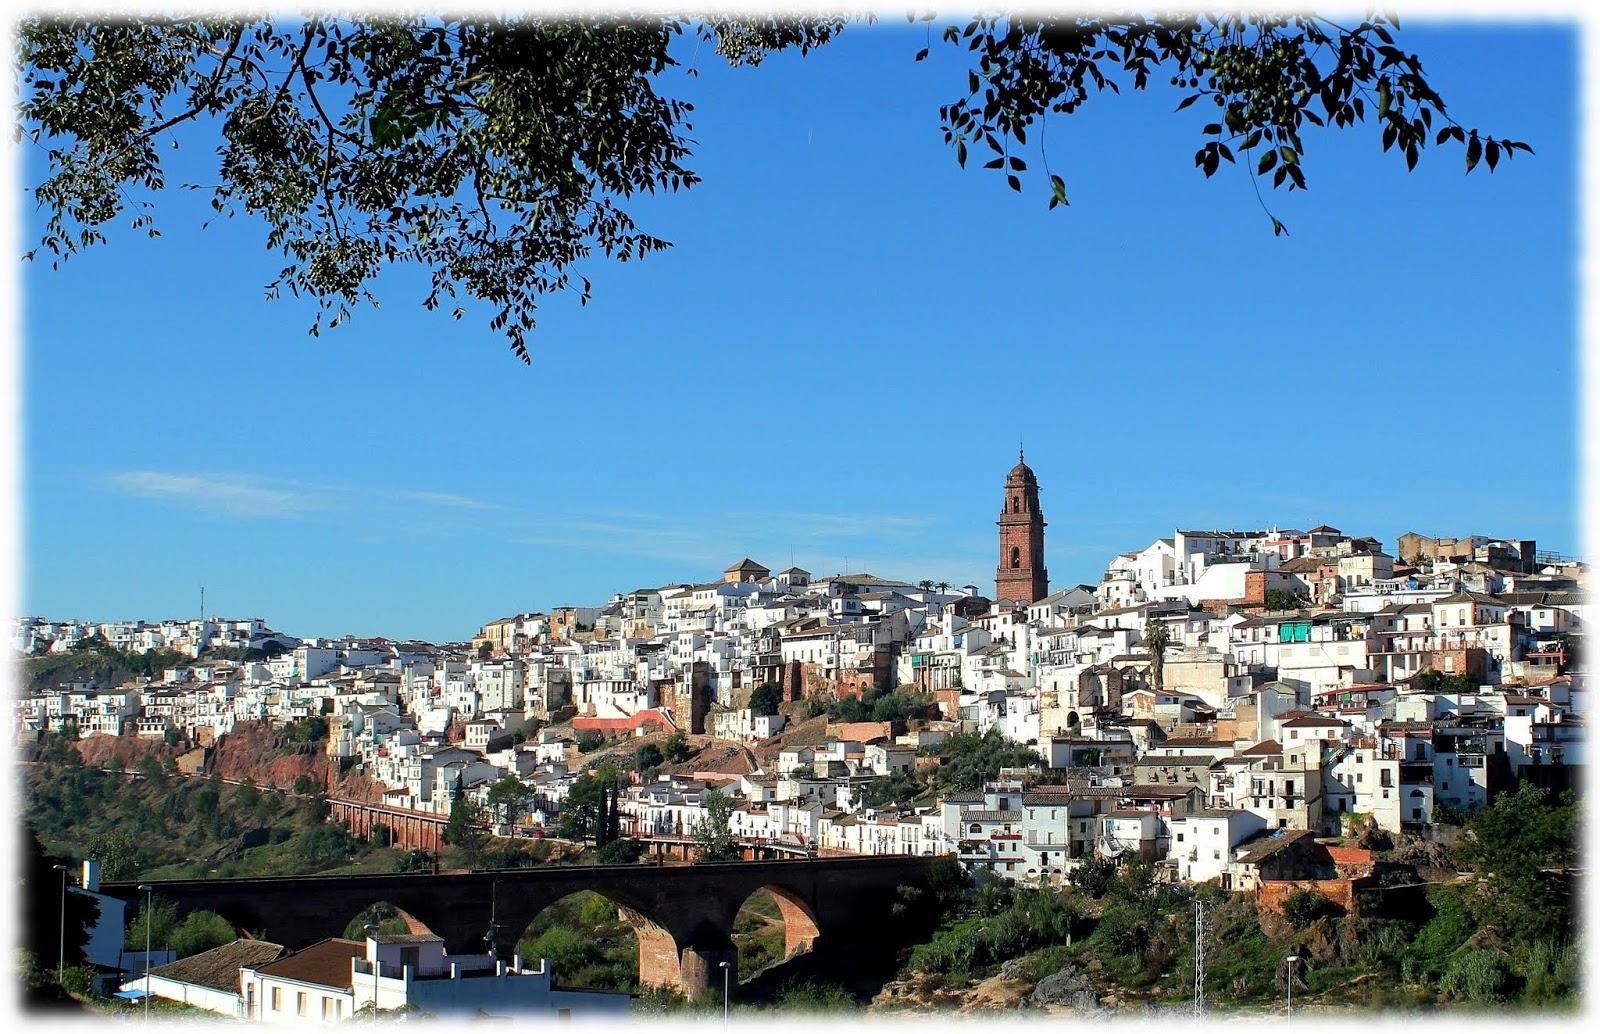 Rutas por la provincia de Córdoba: Montoro, Almodóvar y Palma del Río